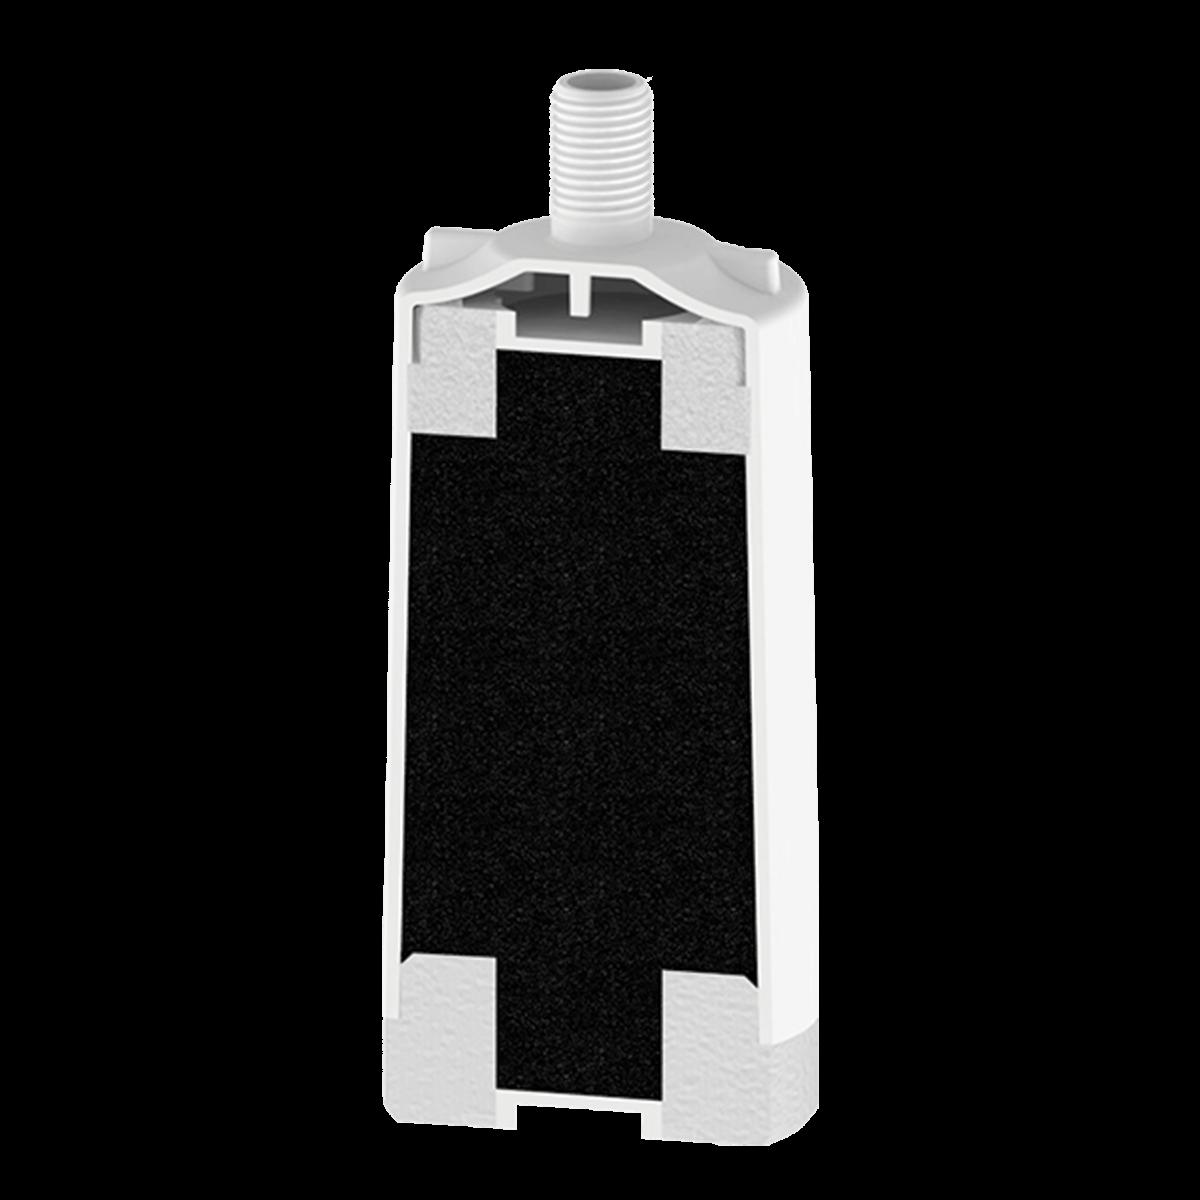 Refil de Filtro Universal Rosca Curta